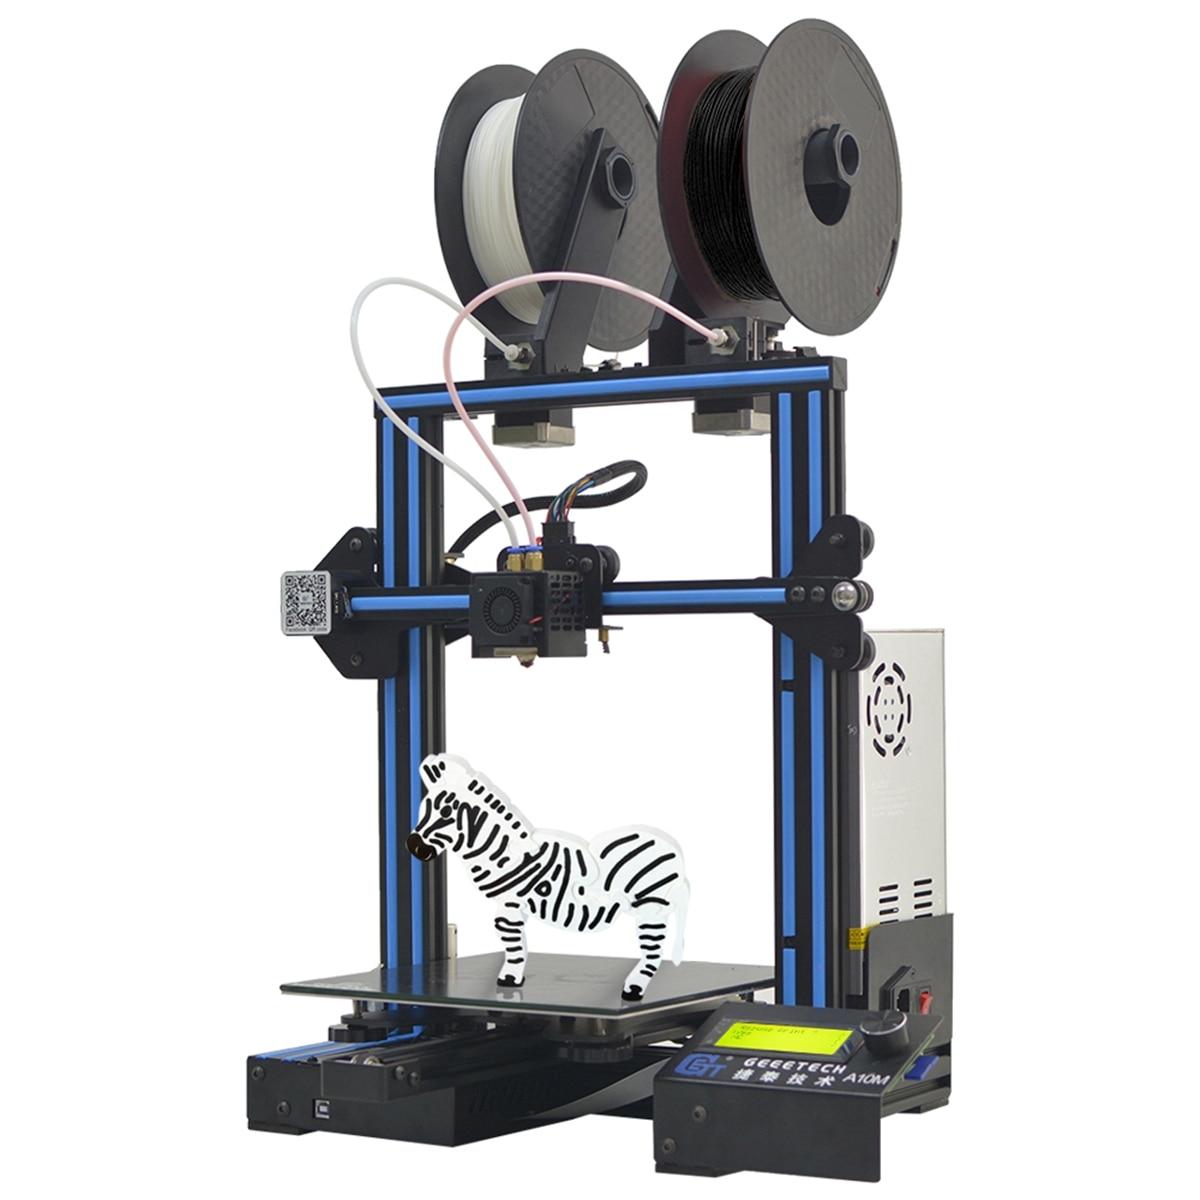 NOUVEAU A10M Mélanger-couleur I3 3D Imprimante Impression Taille Avec Double Extrudeuse/Filament Détecteur/Puissance Reprendre/ 3:1 Train D'engrenages Contrôle Conseil